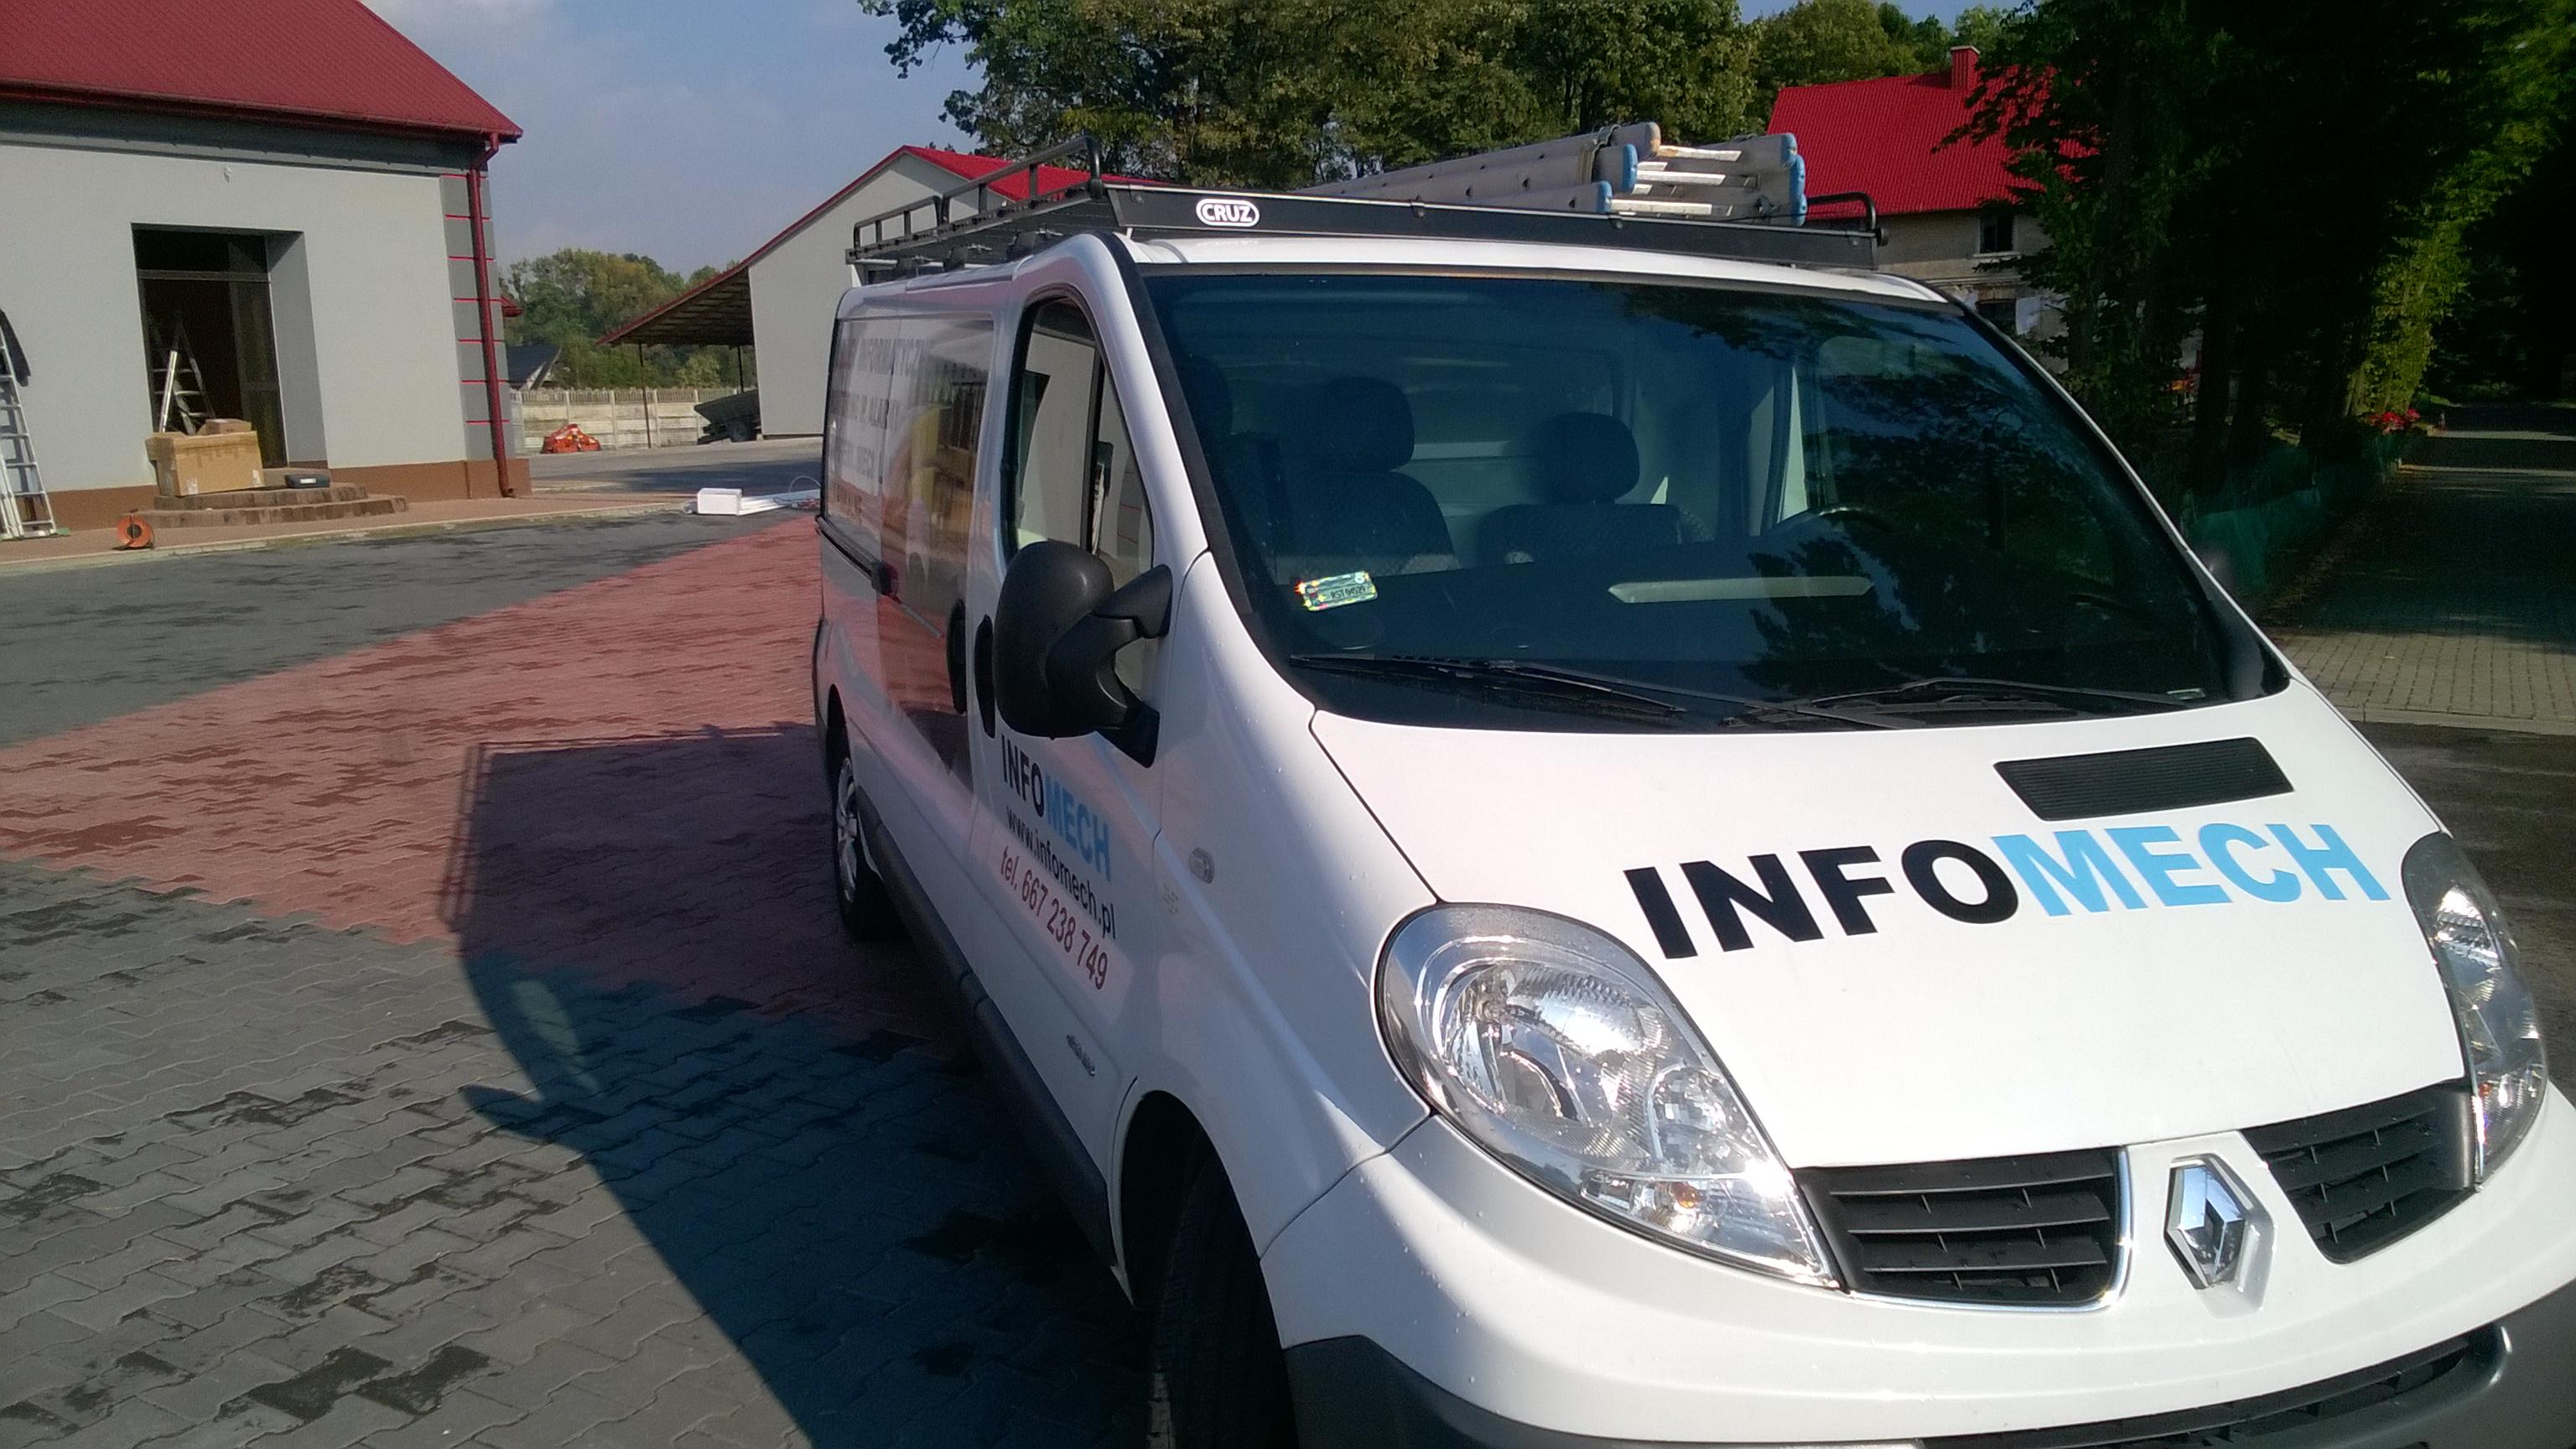 bus-techniczny-infomech-instalacje-elektryczne-i-teletechniczne-stalowa-wola-monitoring-bilgoraj-monitoring-zamosc-monitoring-stalowa-wola-infomech-mielec-alarmy-5